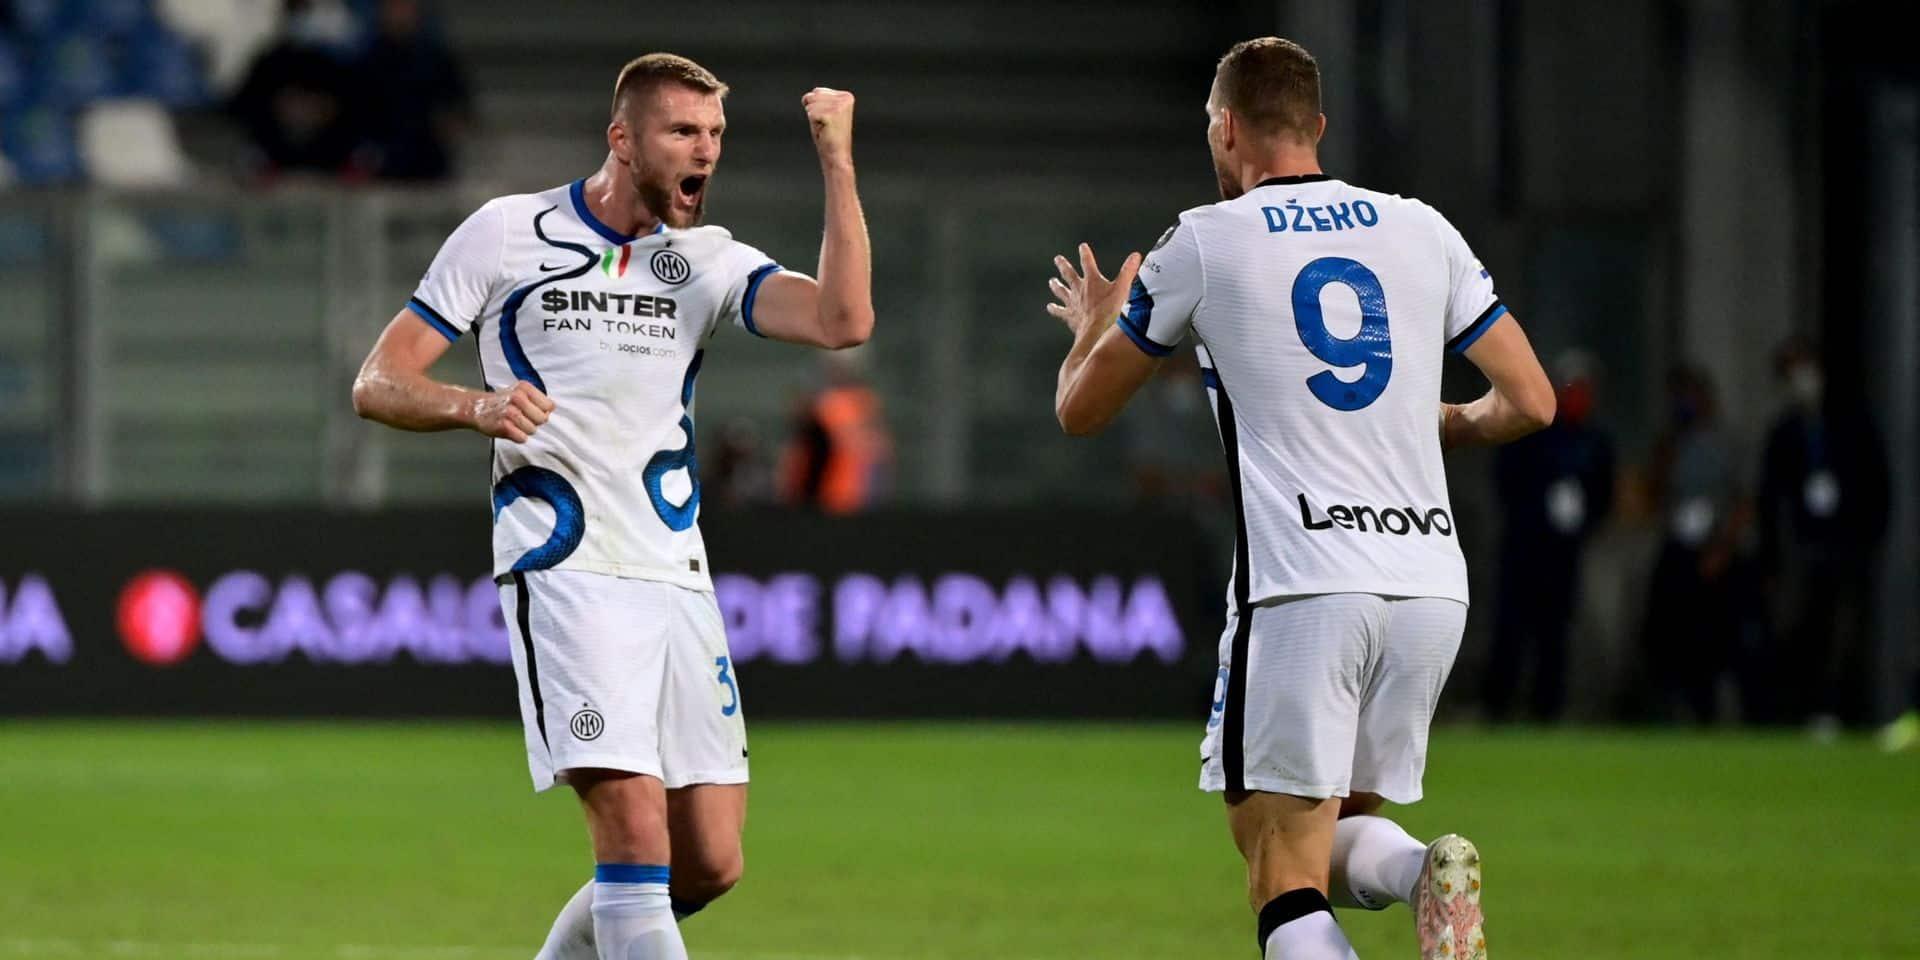 Serie A: Dzeko sauve l'Inter, la Juve confirme et s'offre le derby